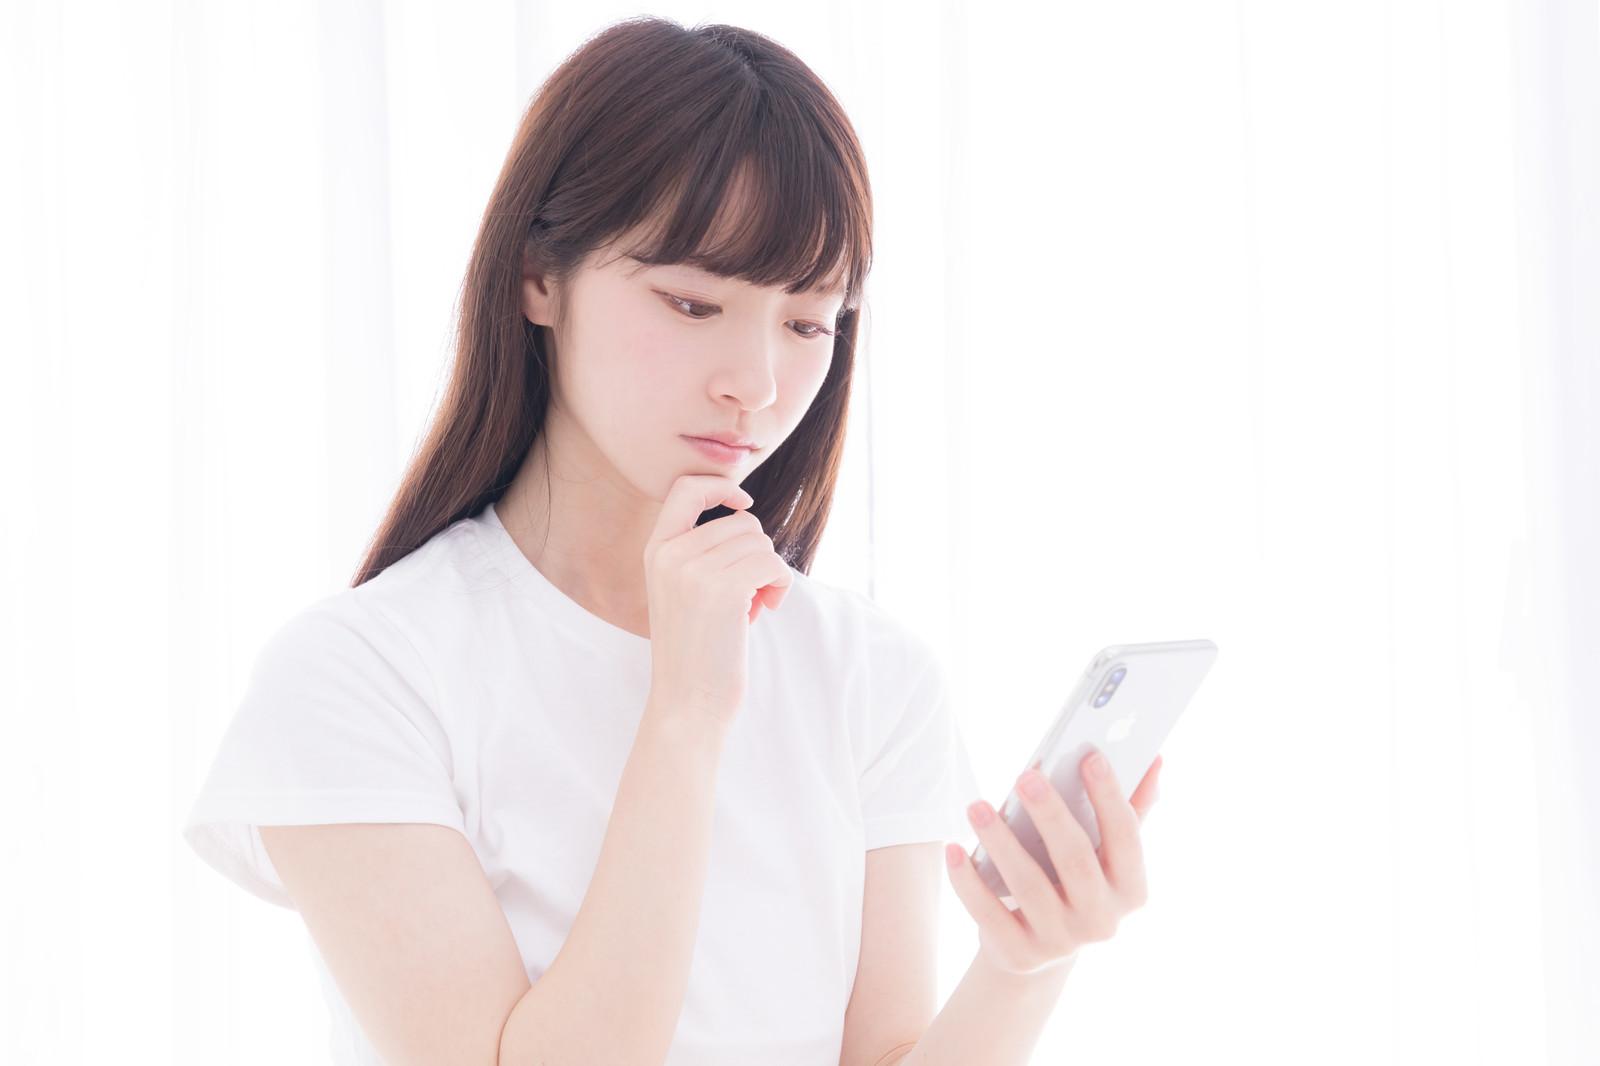 携帯電話の「2年縛り」違約金は上限1000円とする規制 端末値引きも上限2万円に